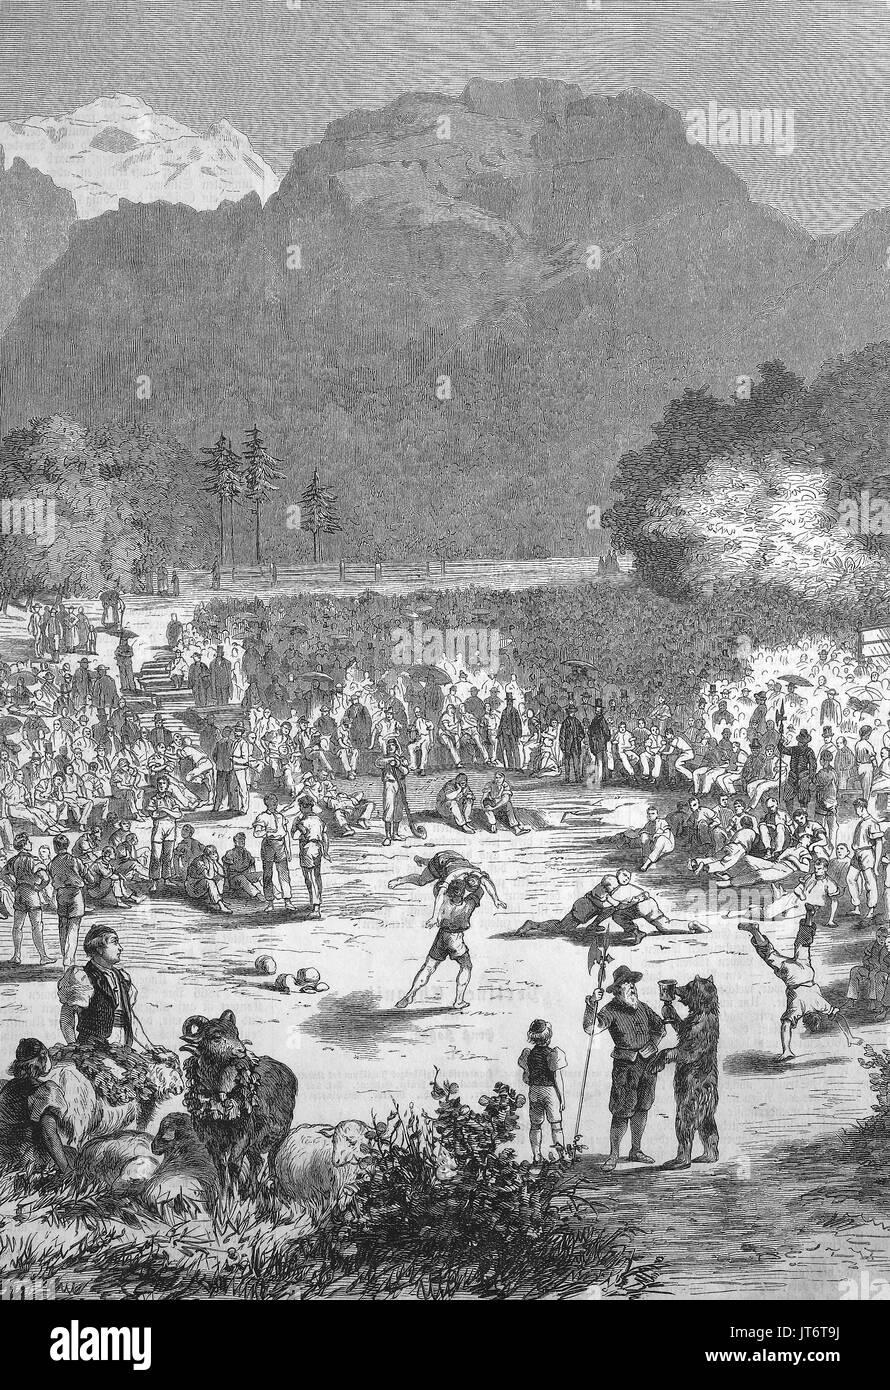 Un Schwingerfest à Interlaken, Suisse, Schwingen également connu sous le nom de Swiss wrestling et Hoselupf, culottes-levage, est un style de lutte folk originaire de Suisse, l'amélioration numérique reproduction d'une image publié entre 1880 - 1885 Photo Stock